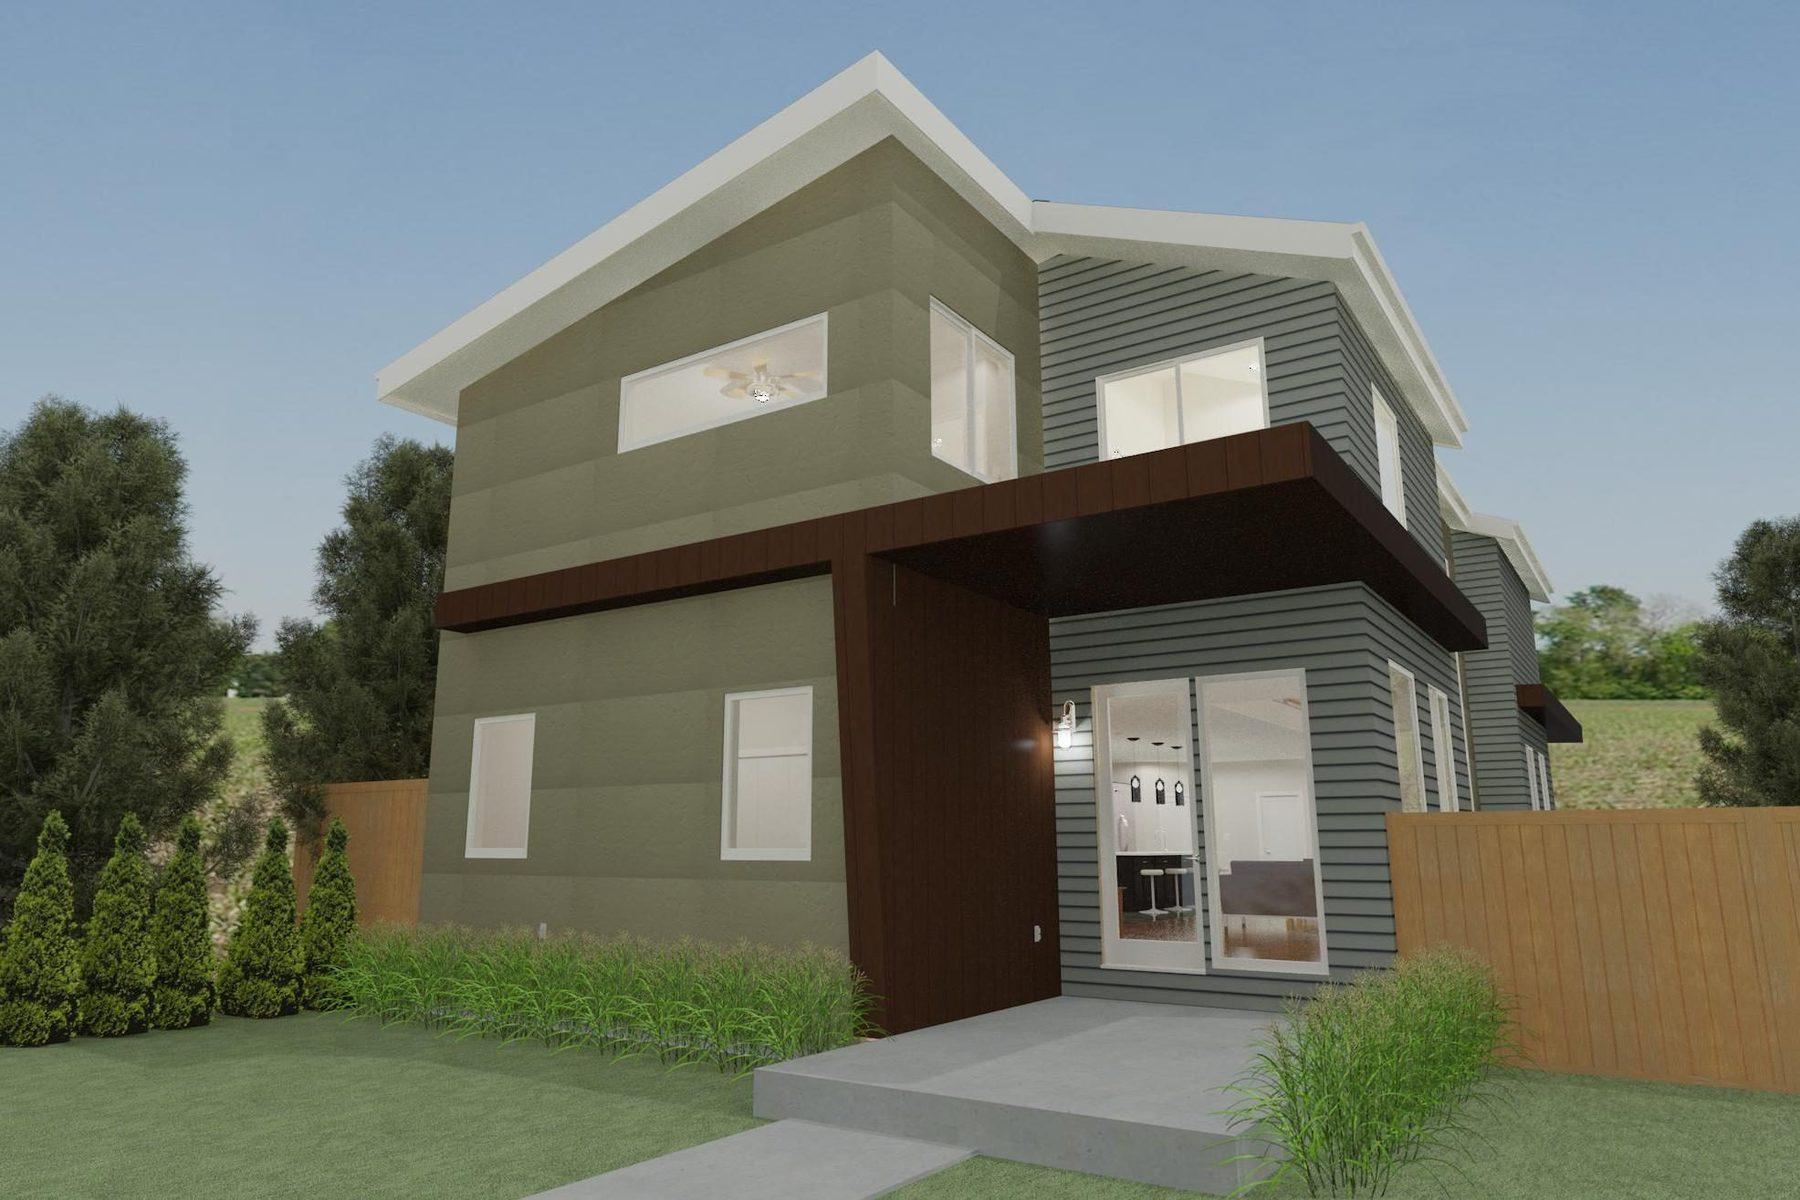 Nhà ở một gia đình vì Bán tại Urban Living at 9th and 9th 639 South 900 East Salt Lake City, Utah 84102 Hoa Kỳ